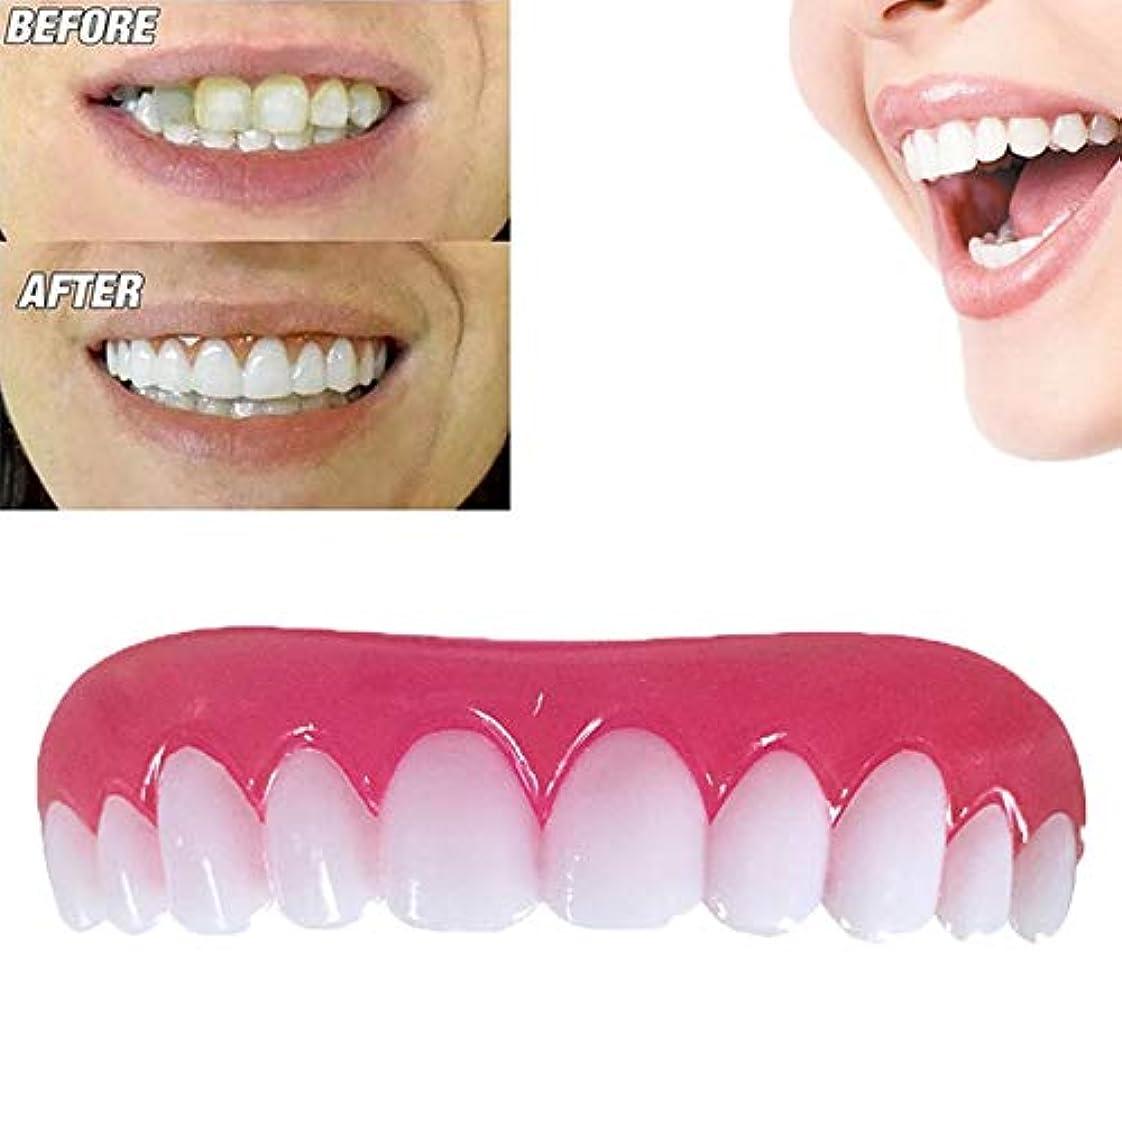 浜辺余韻褐色義歯化粧品歯、4個美容歯科ボタンアメージングスマイル快適な柔らかい歯科突き板歯科化粧品ステッカー